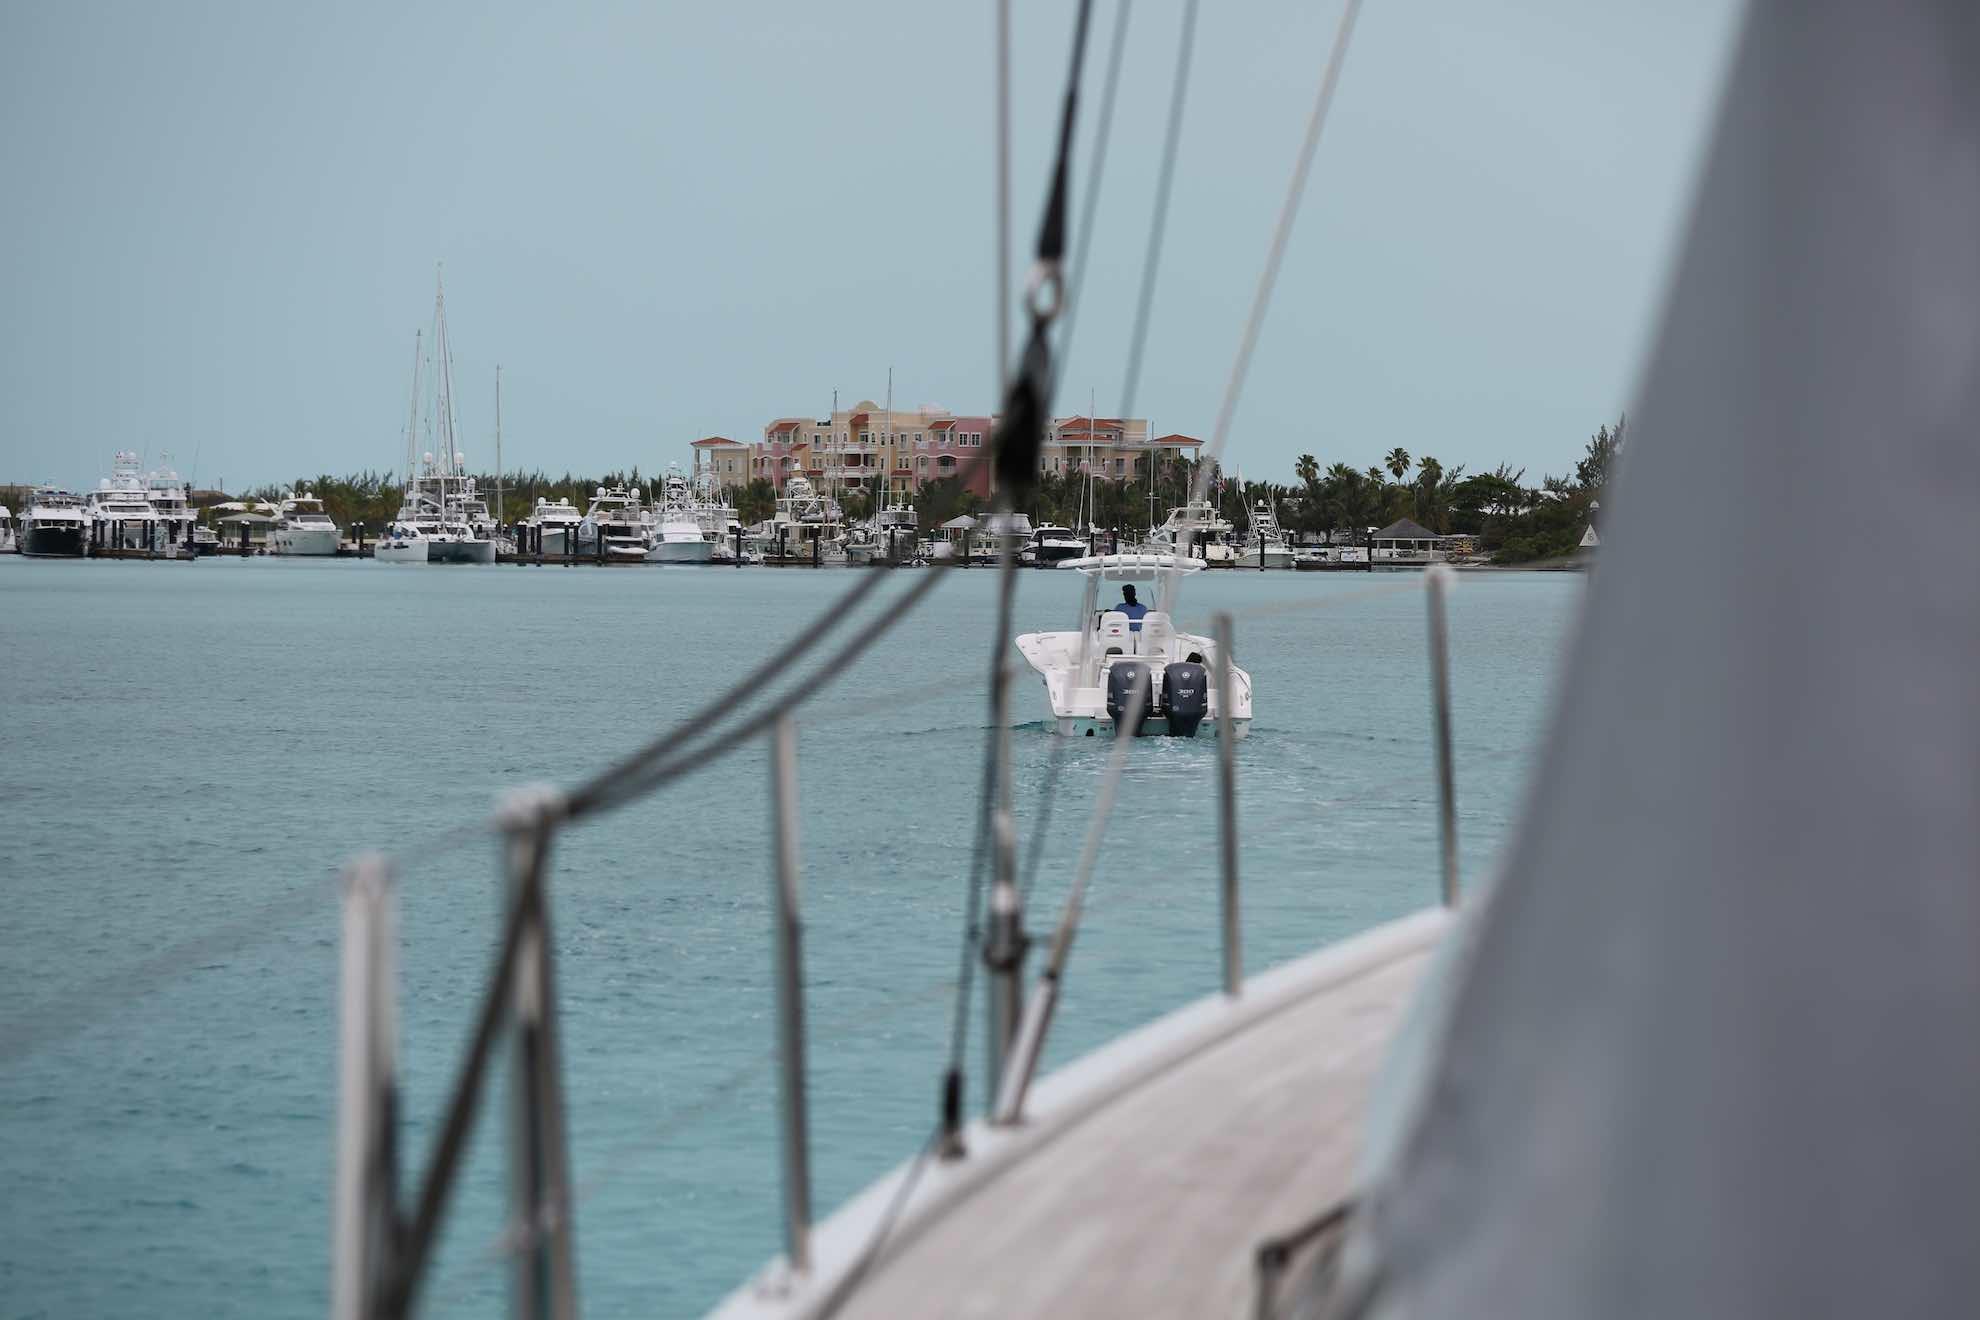 Sandbänke überall – ein Lotsenboot zeigt uns den Weg in den Hafen.